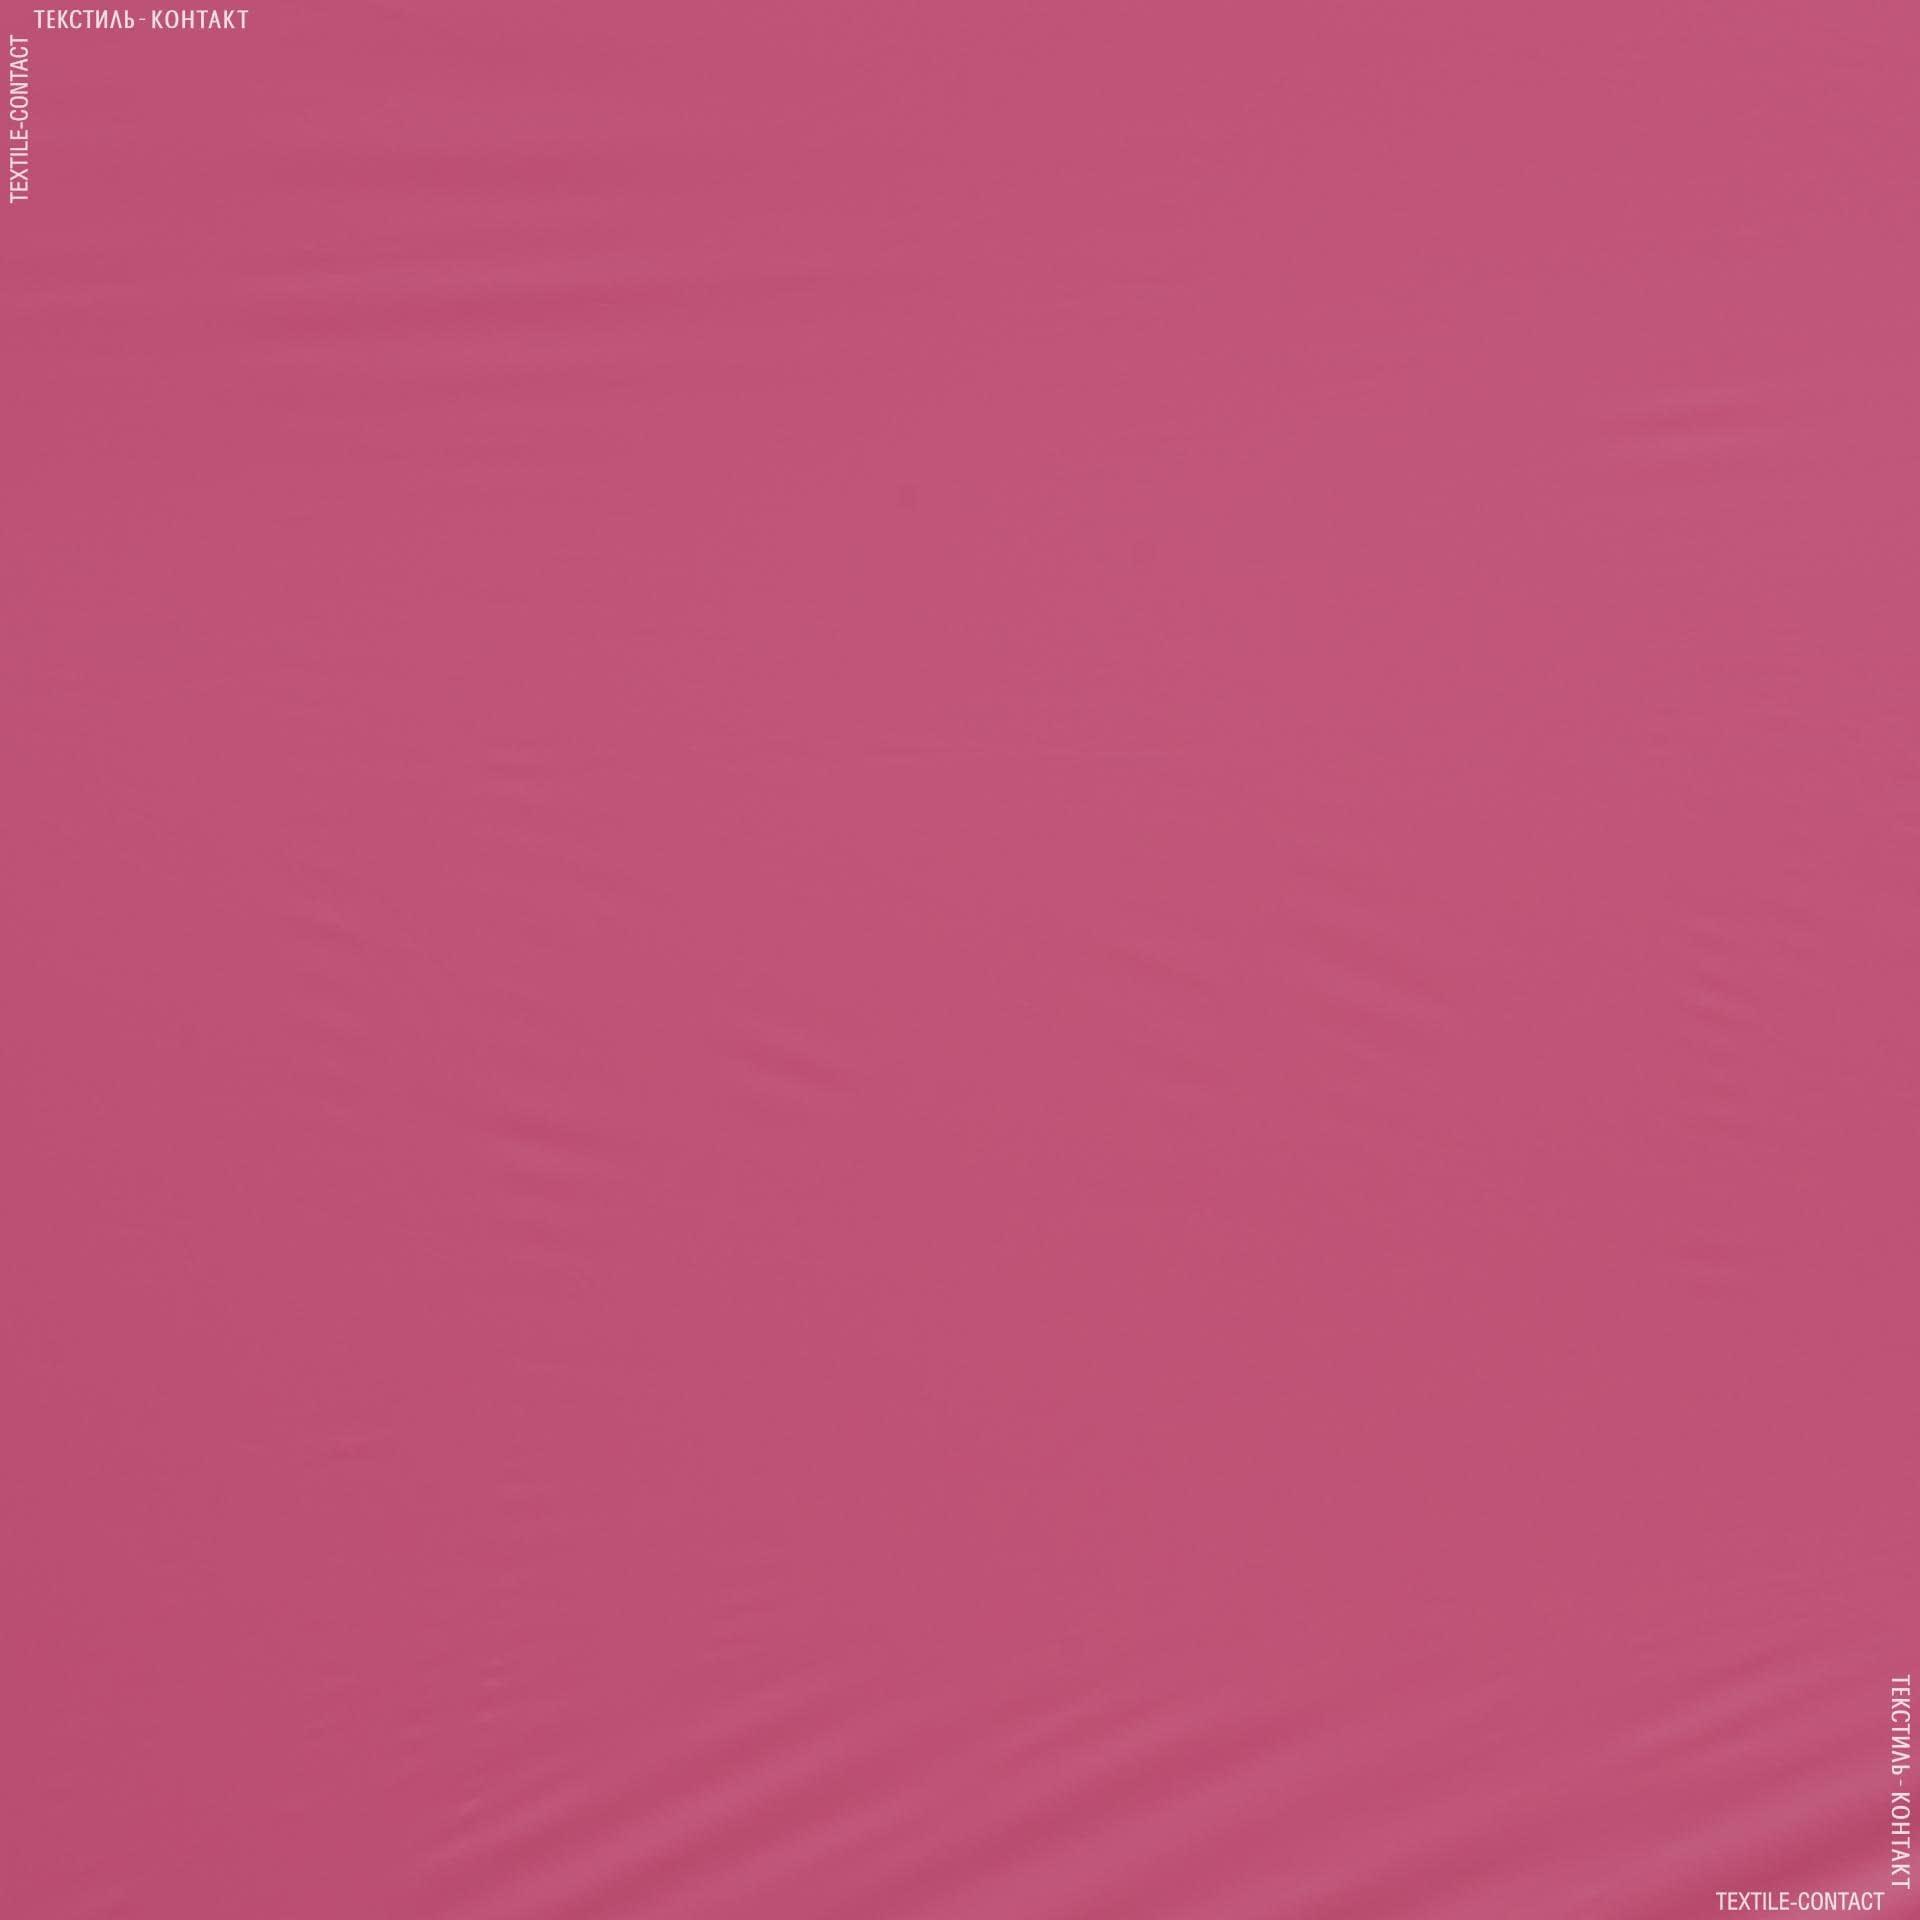 Тканини для наметів - Плащова  лаке нейлон малиновий